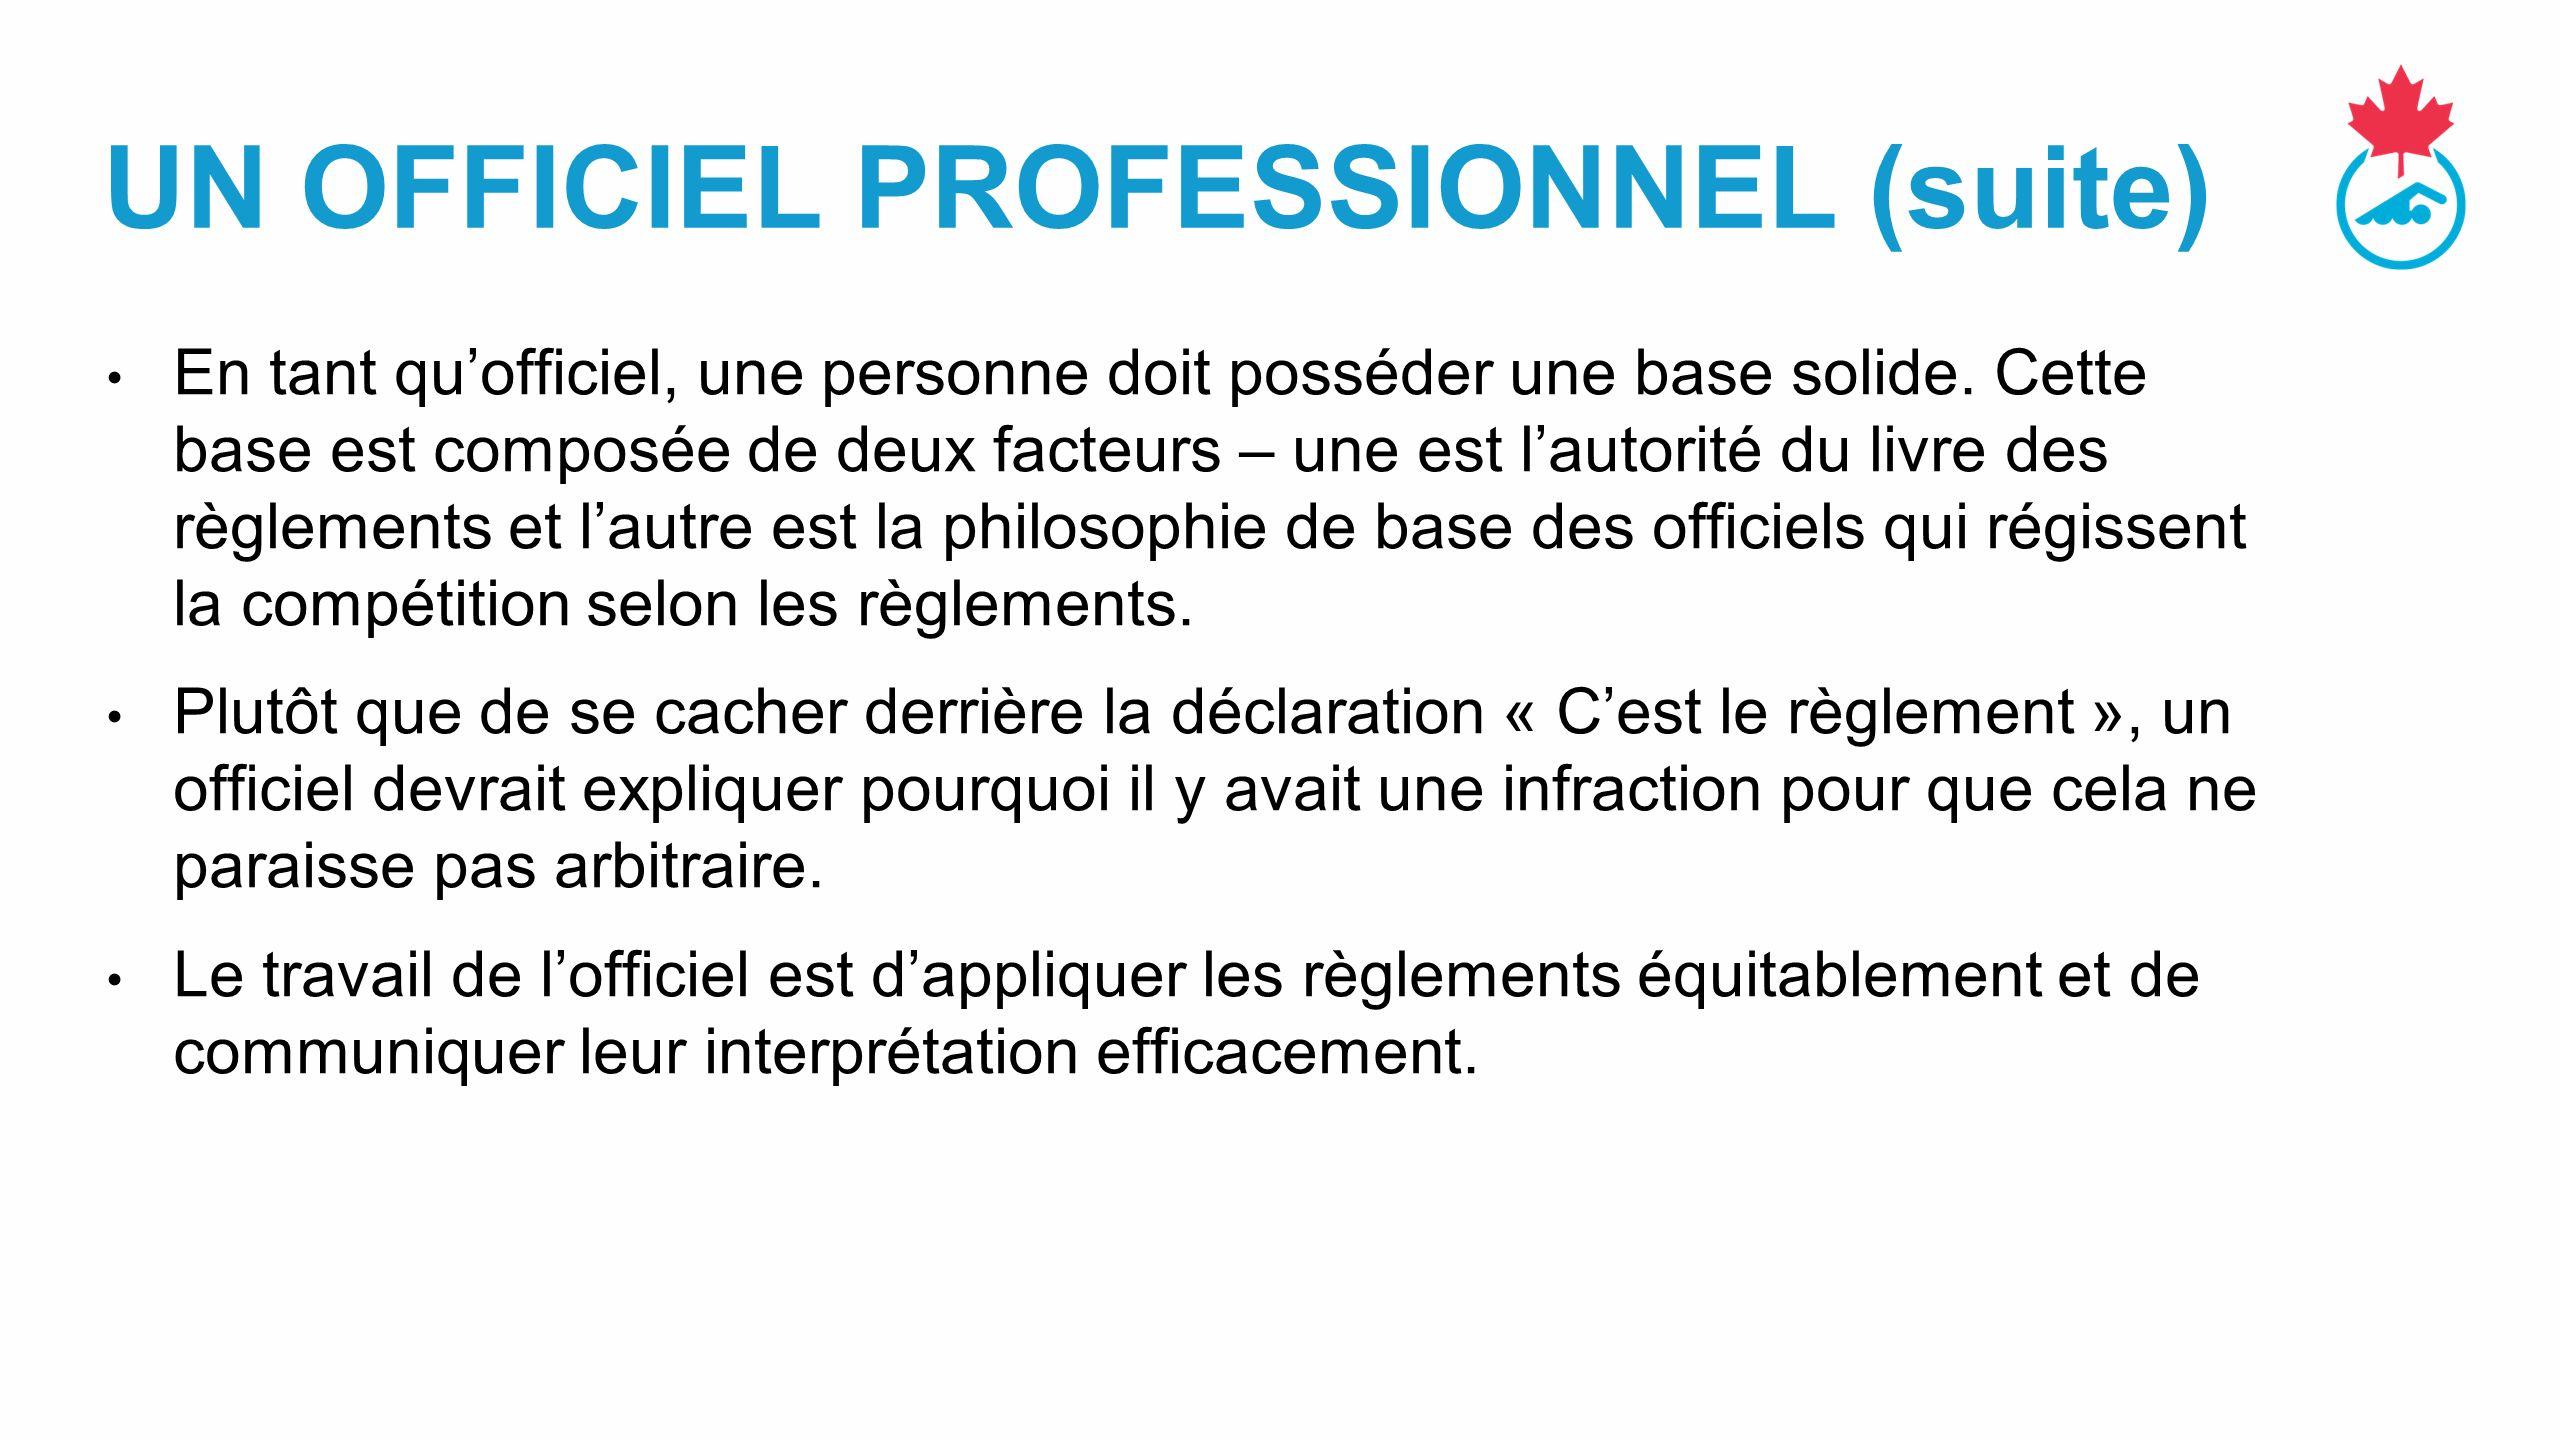 UN OFFICIEL PROFESSIONNEL (suite)